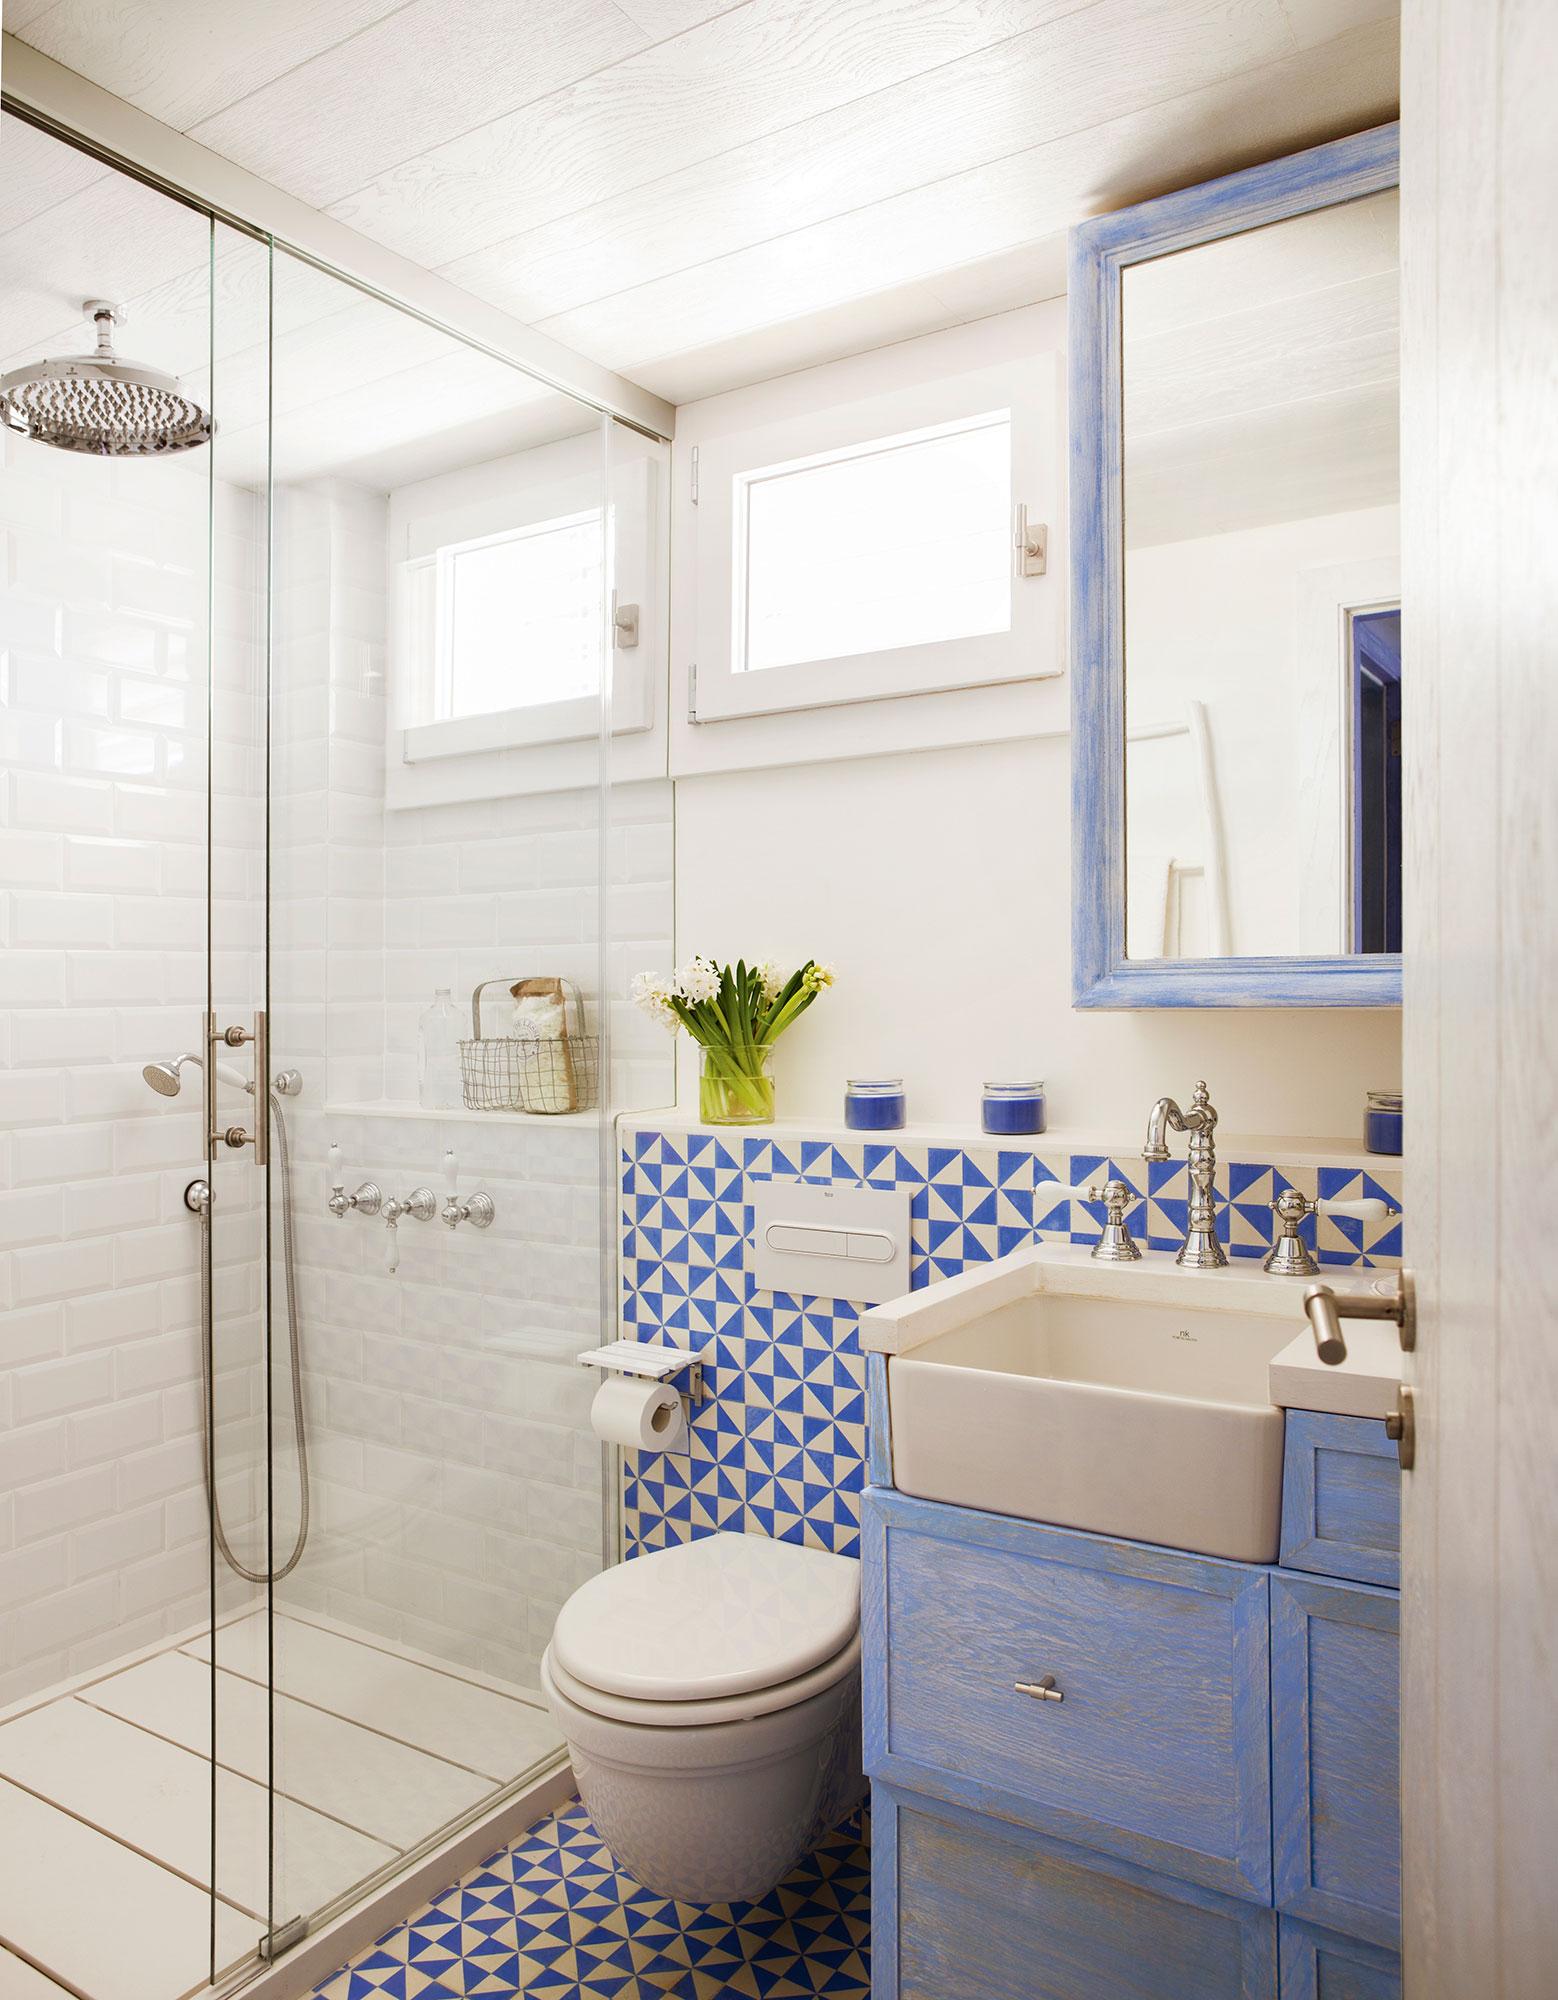 Claves para multiplicar la luz y la claridad del ba o - Azulejos para ducha ...